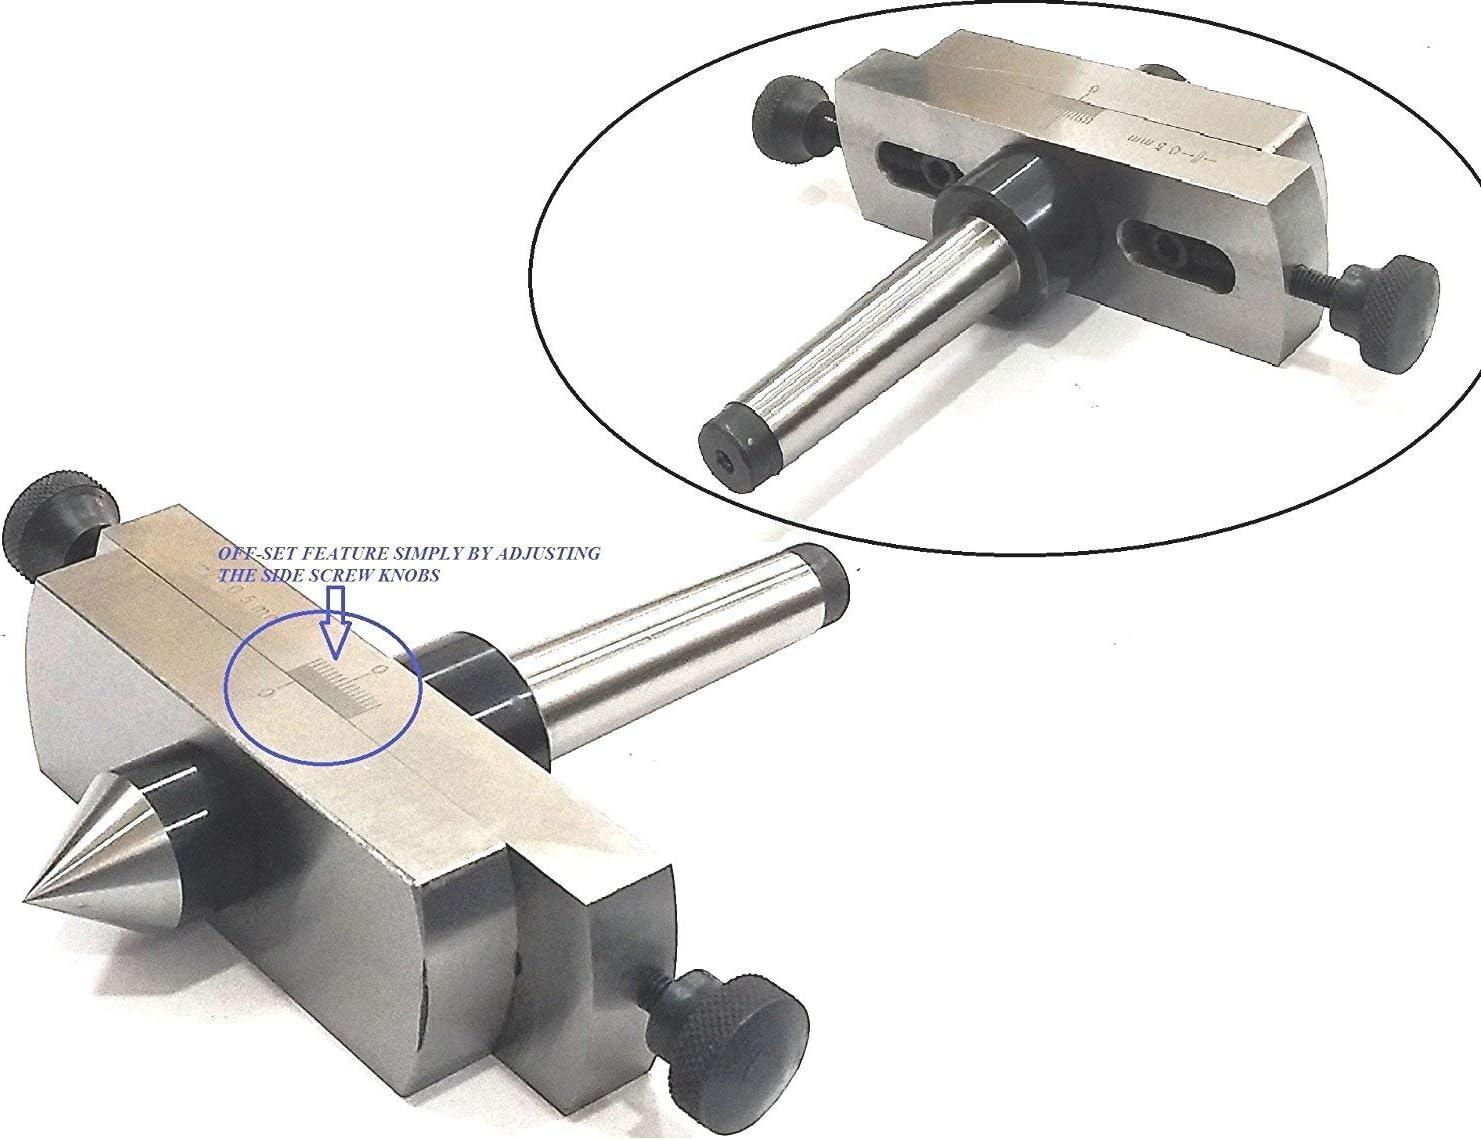 Precision Tour de Contre-pointe de fixation pour Metal-turning en fuseau Profil////facile ling/énierie machine Outil Accessoires